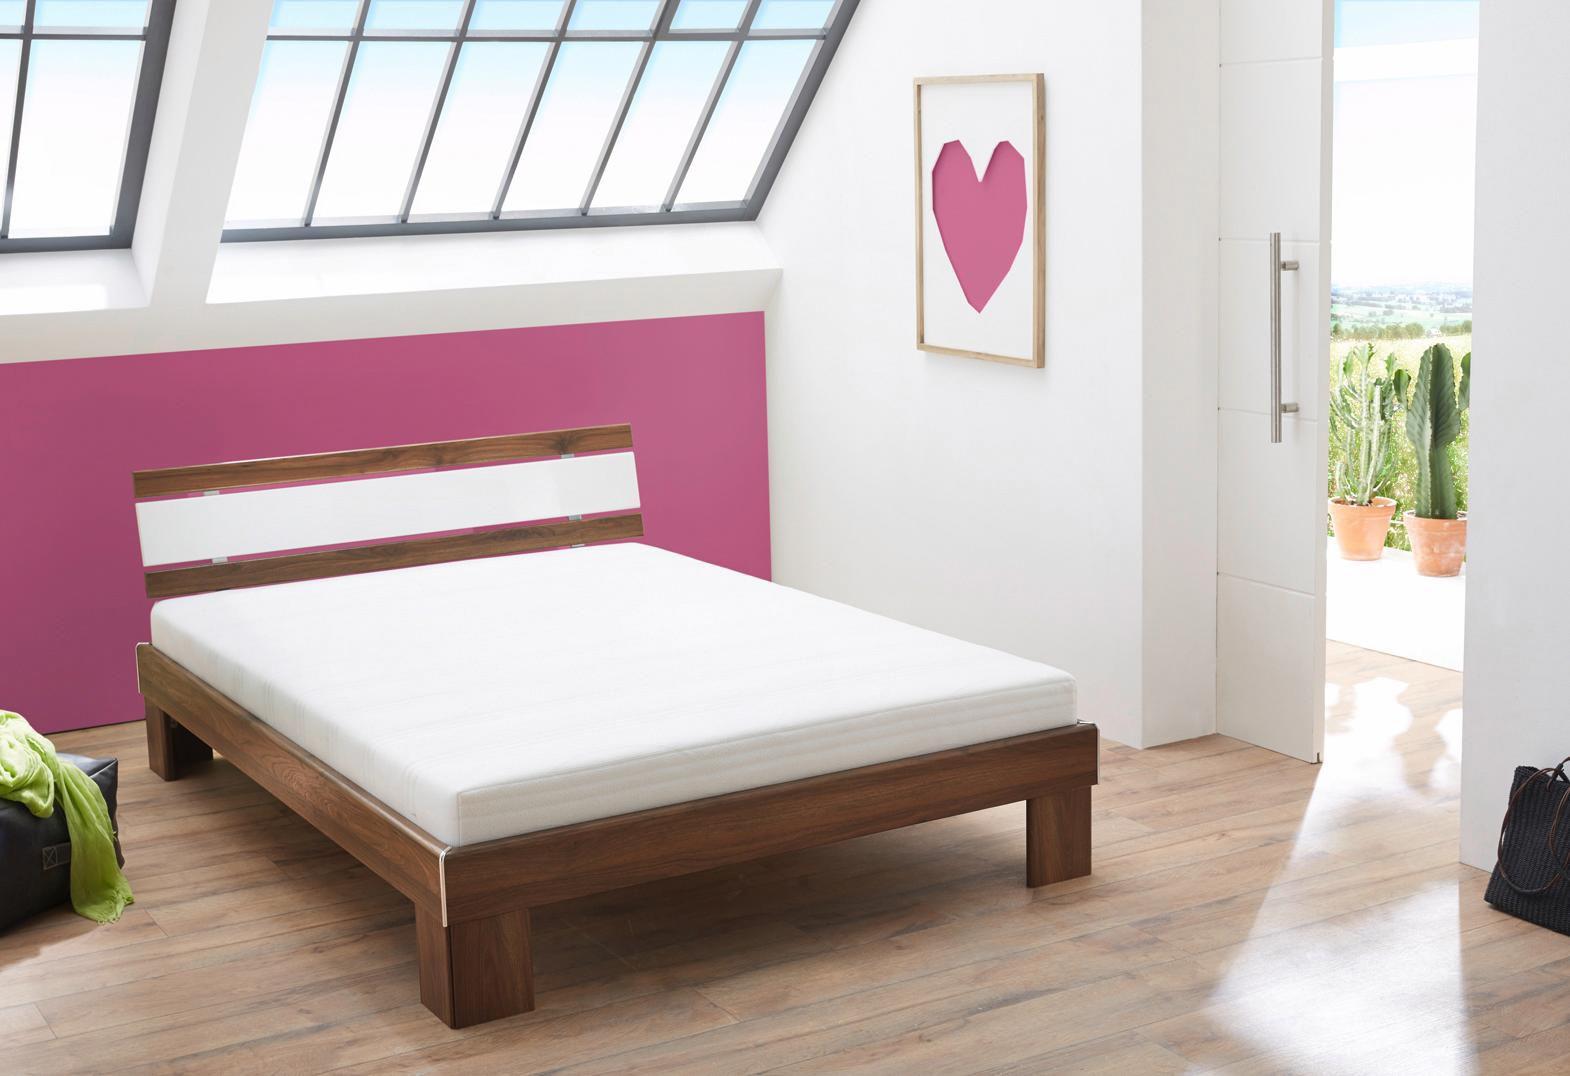 futonbett schwab versand schlafzimmer. Black Bedroom Furniture Sets. Home Design Ideas